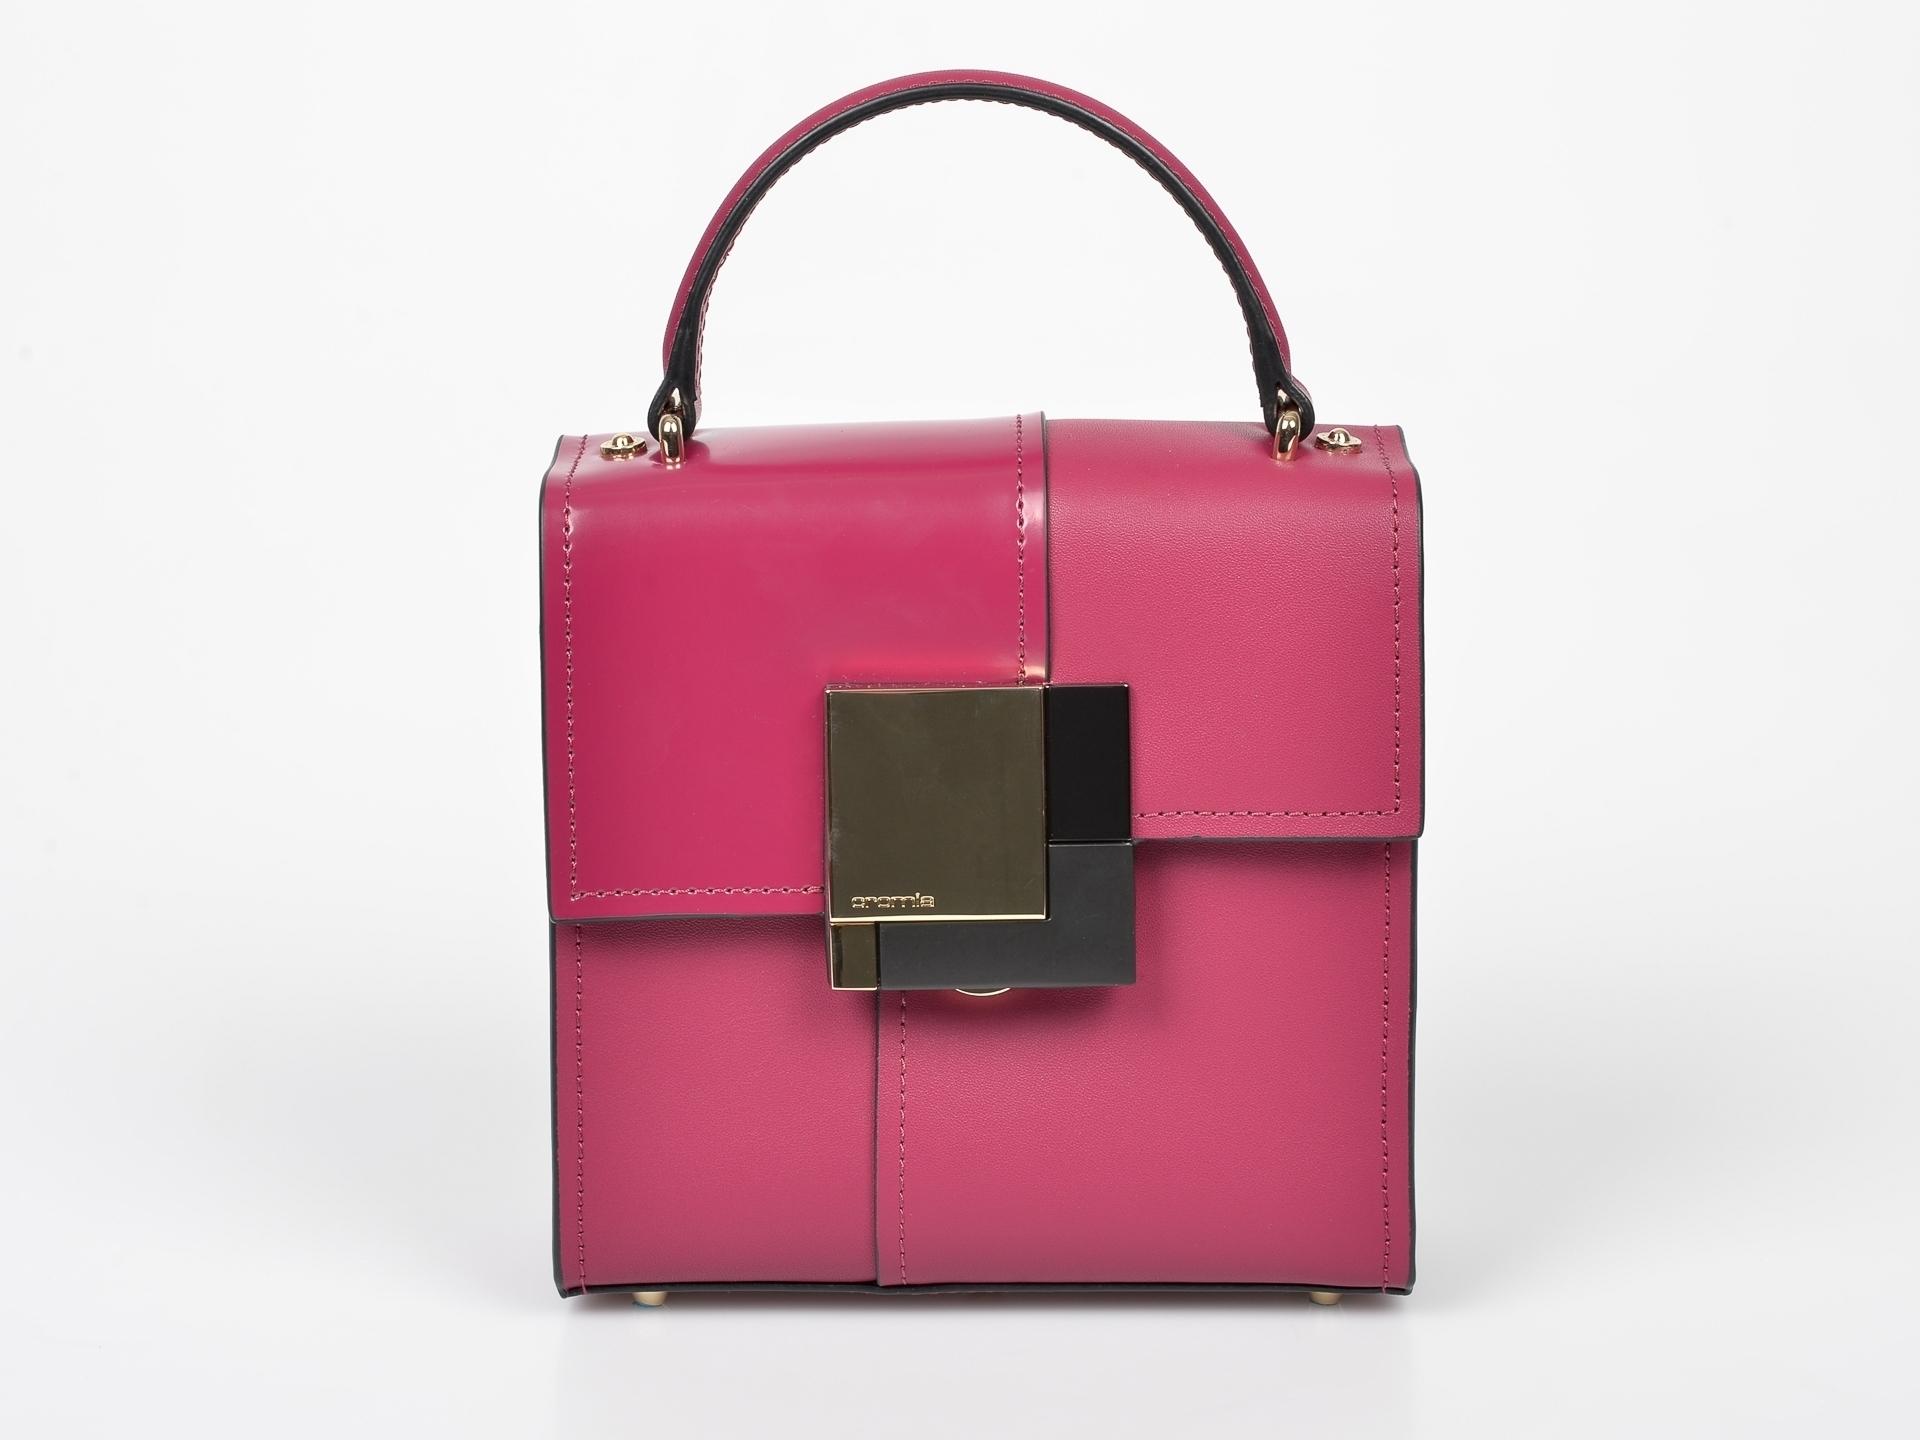 Poseta CROMIA roz, 4379, din piele naturala